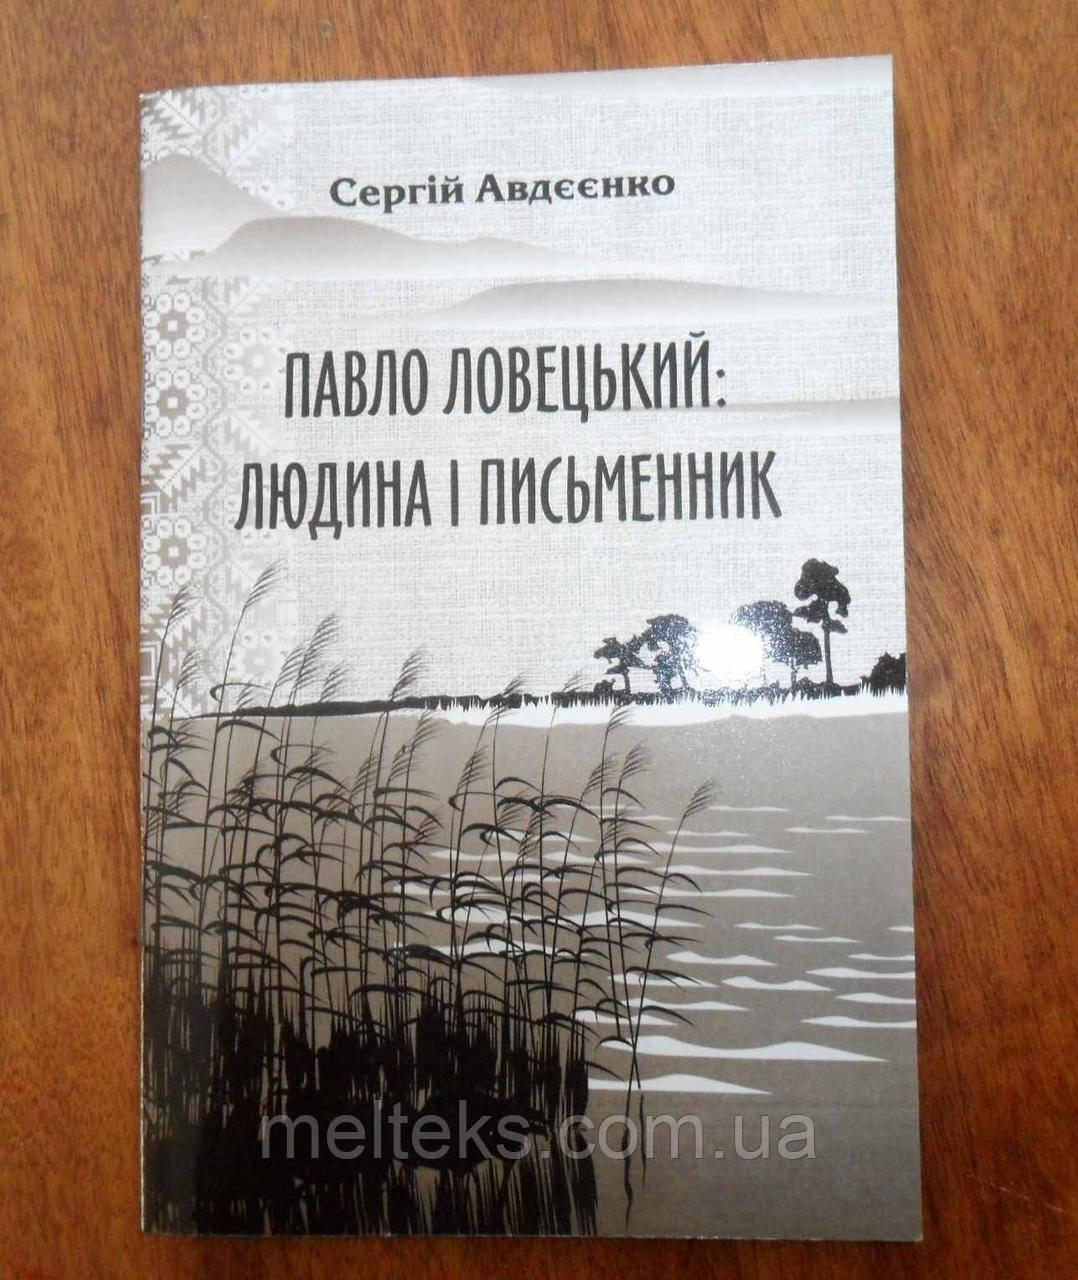 Павло Ловецький: людина і письменник (книга Сергея Авдеенко)